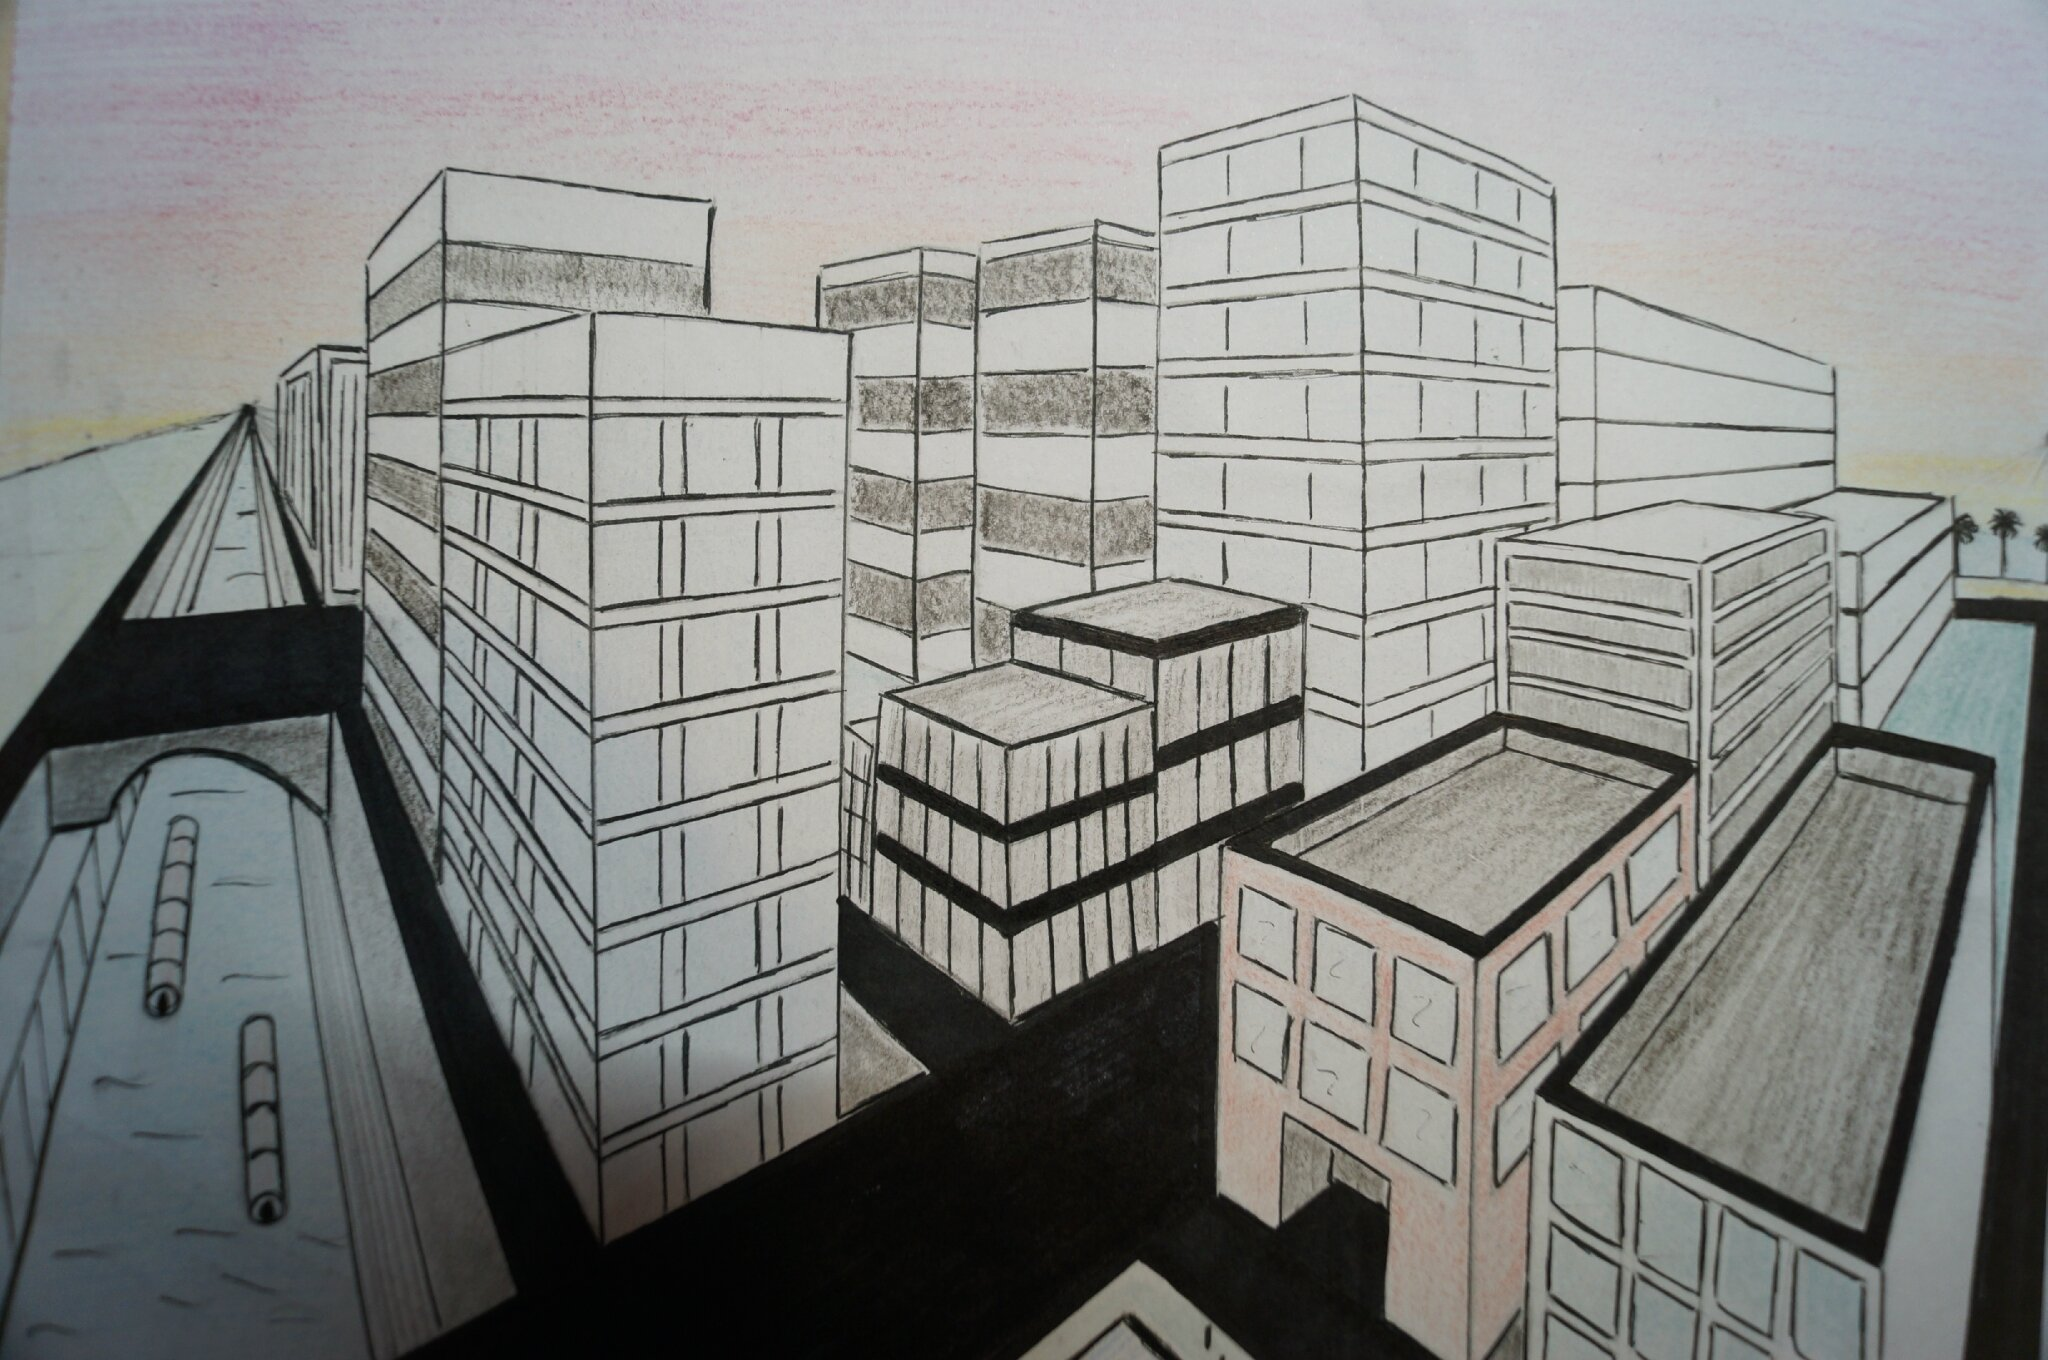 Perspective Point De Fuite Meuble : Dessiner une ville avec deux points de fuite tiger princess